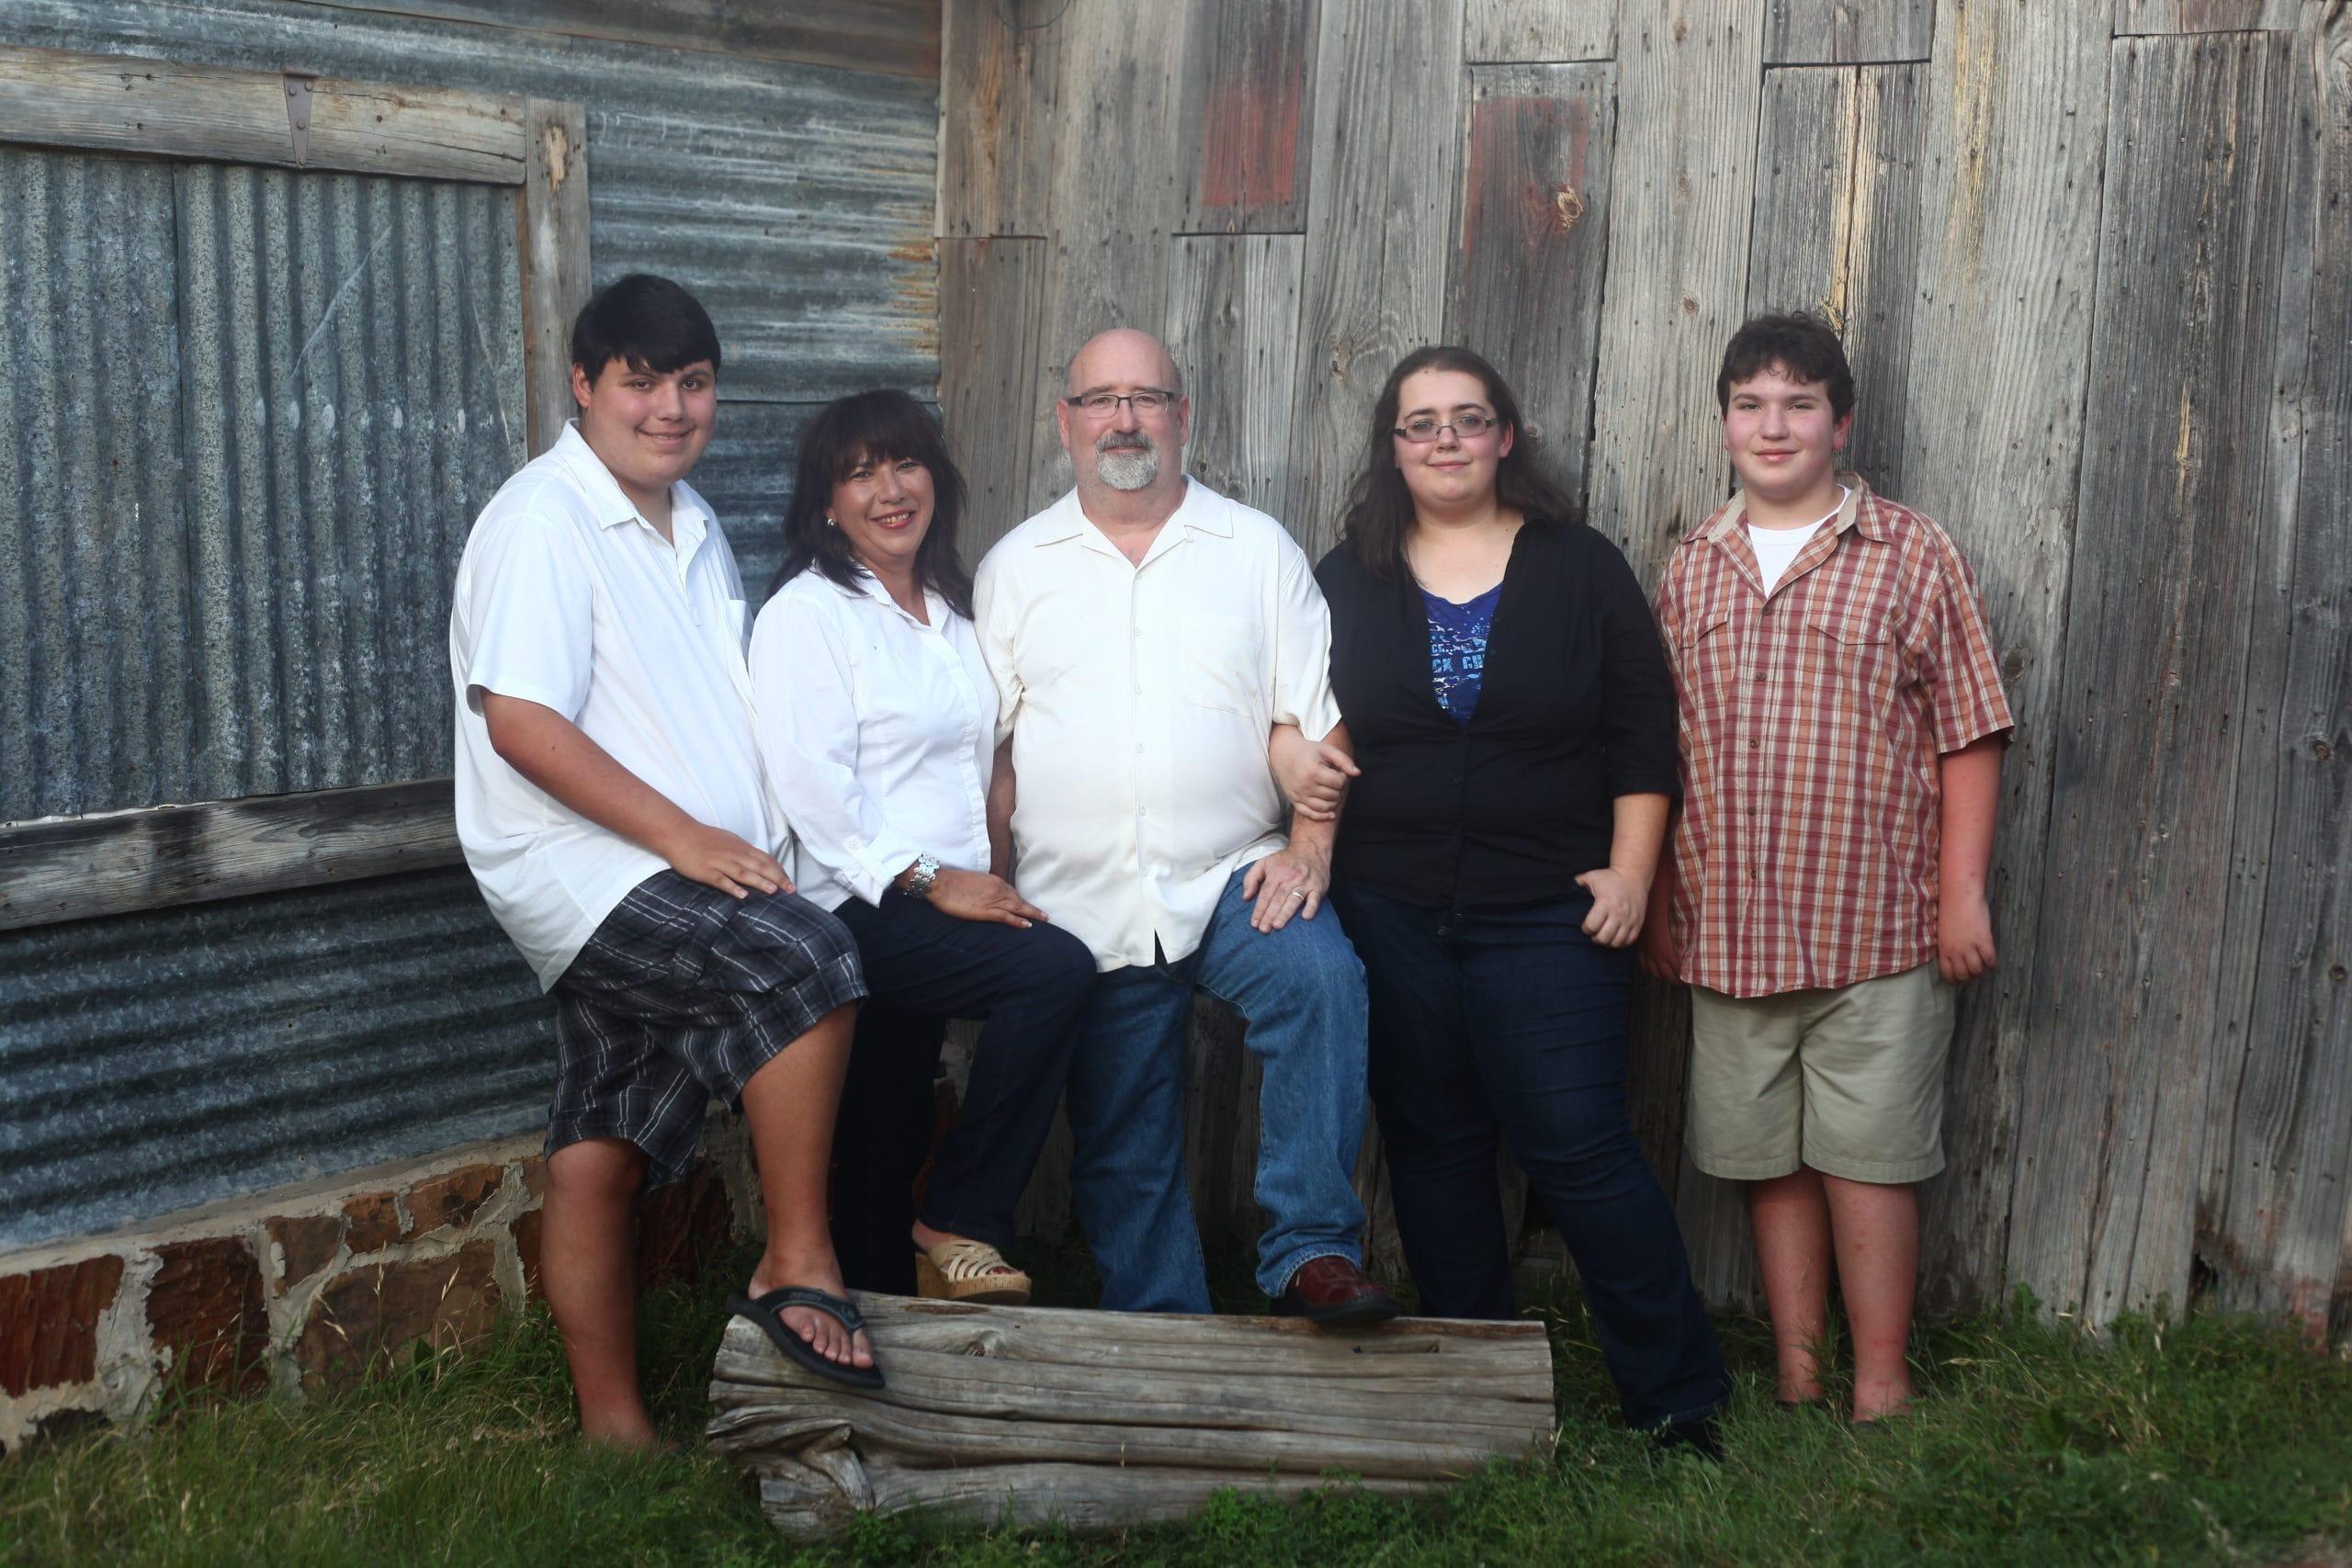 susan hancock and family